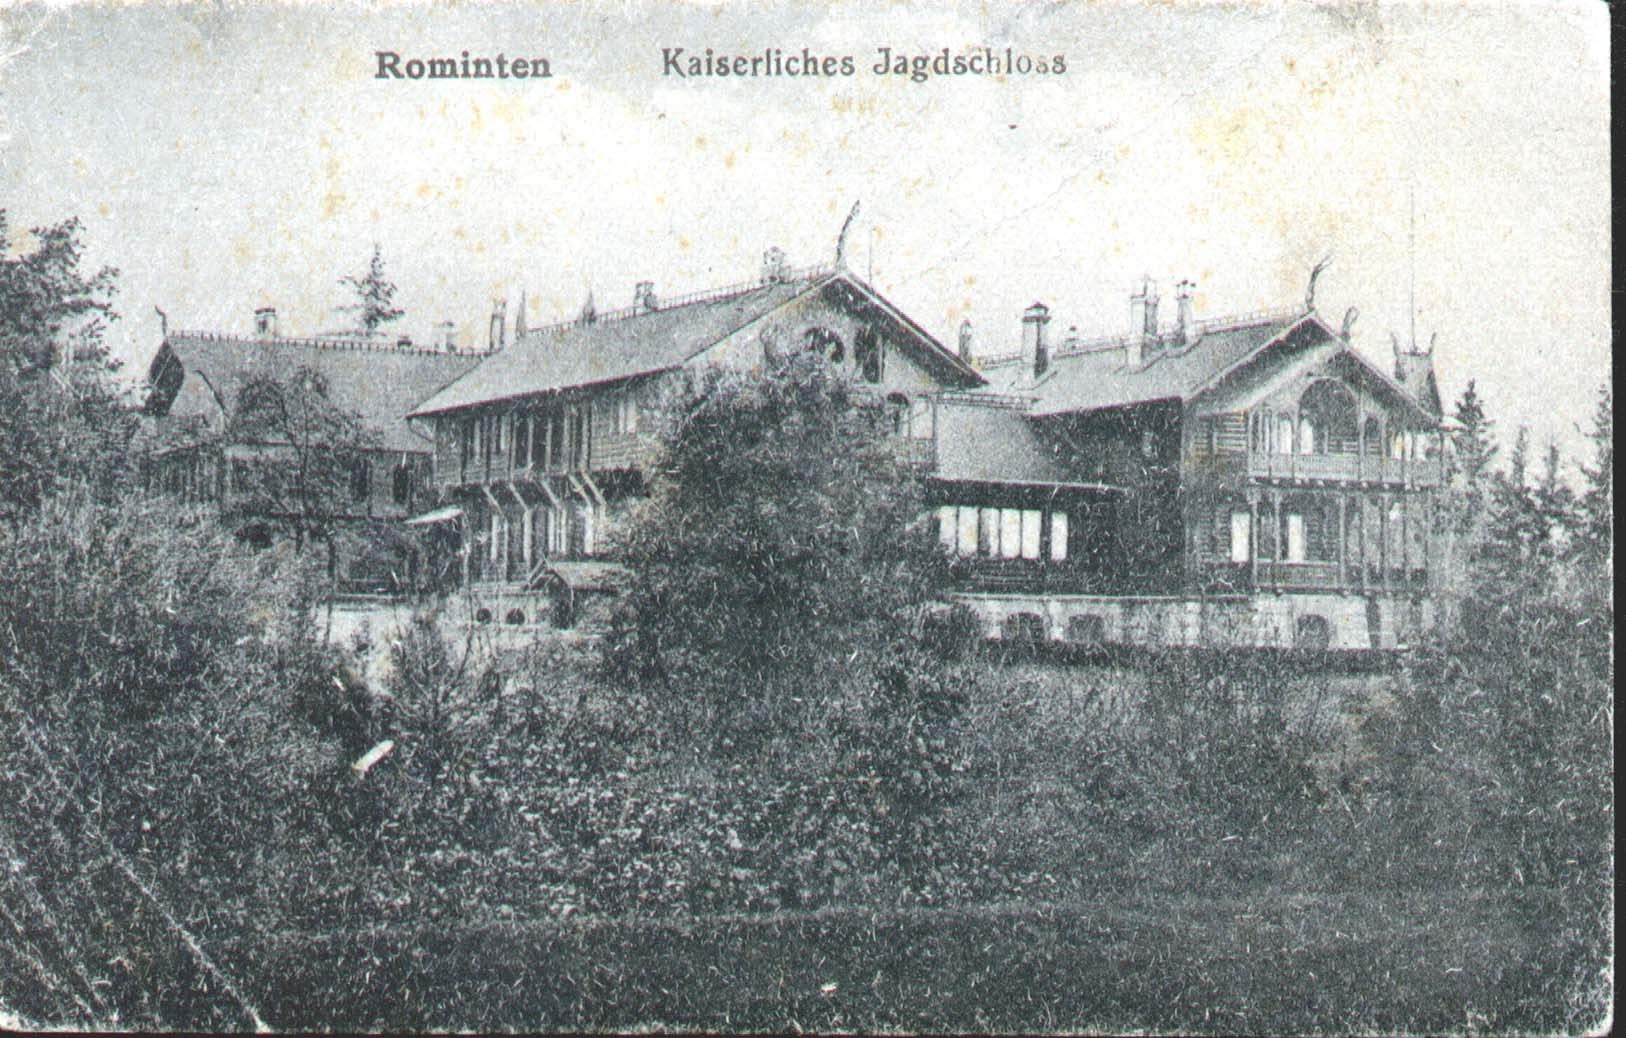 О воссоздании дачи Геринга и по поводу Кенигсбергизации Калининграда